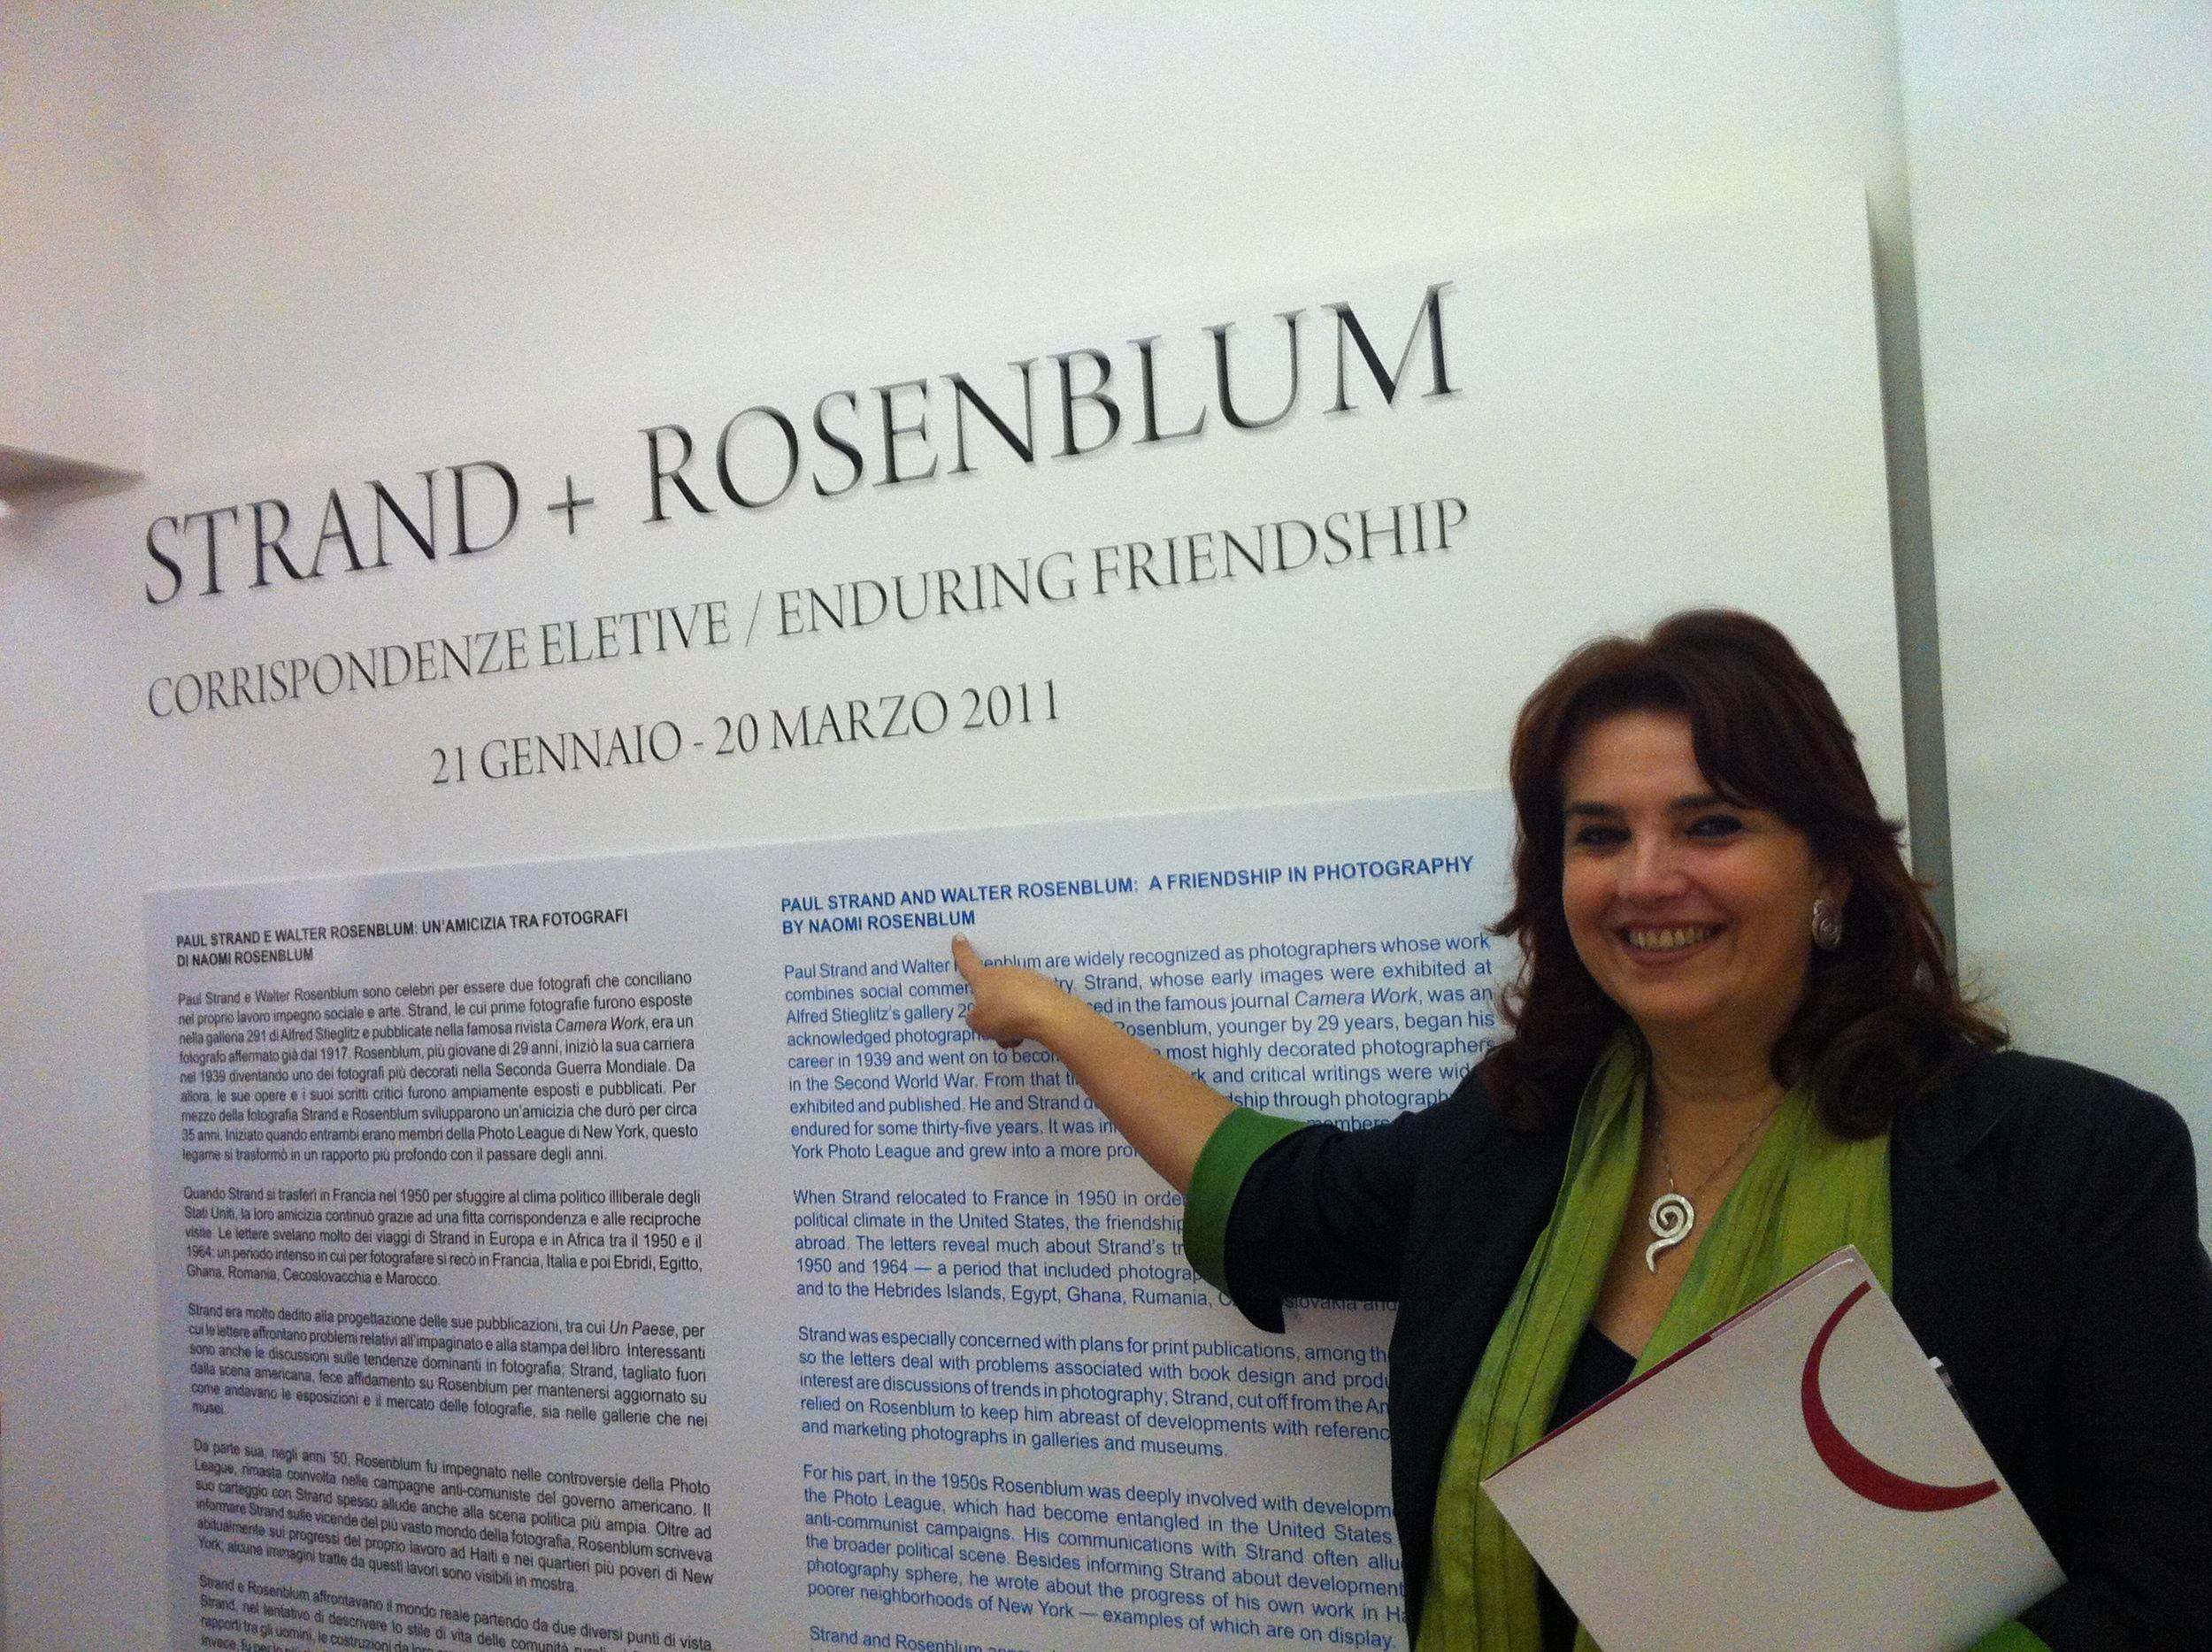 Enrica Vigano, Admira, Exhibition Curator